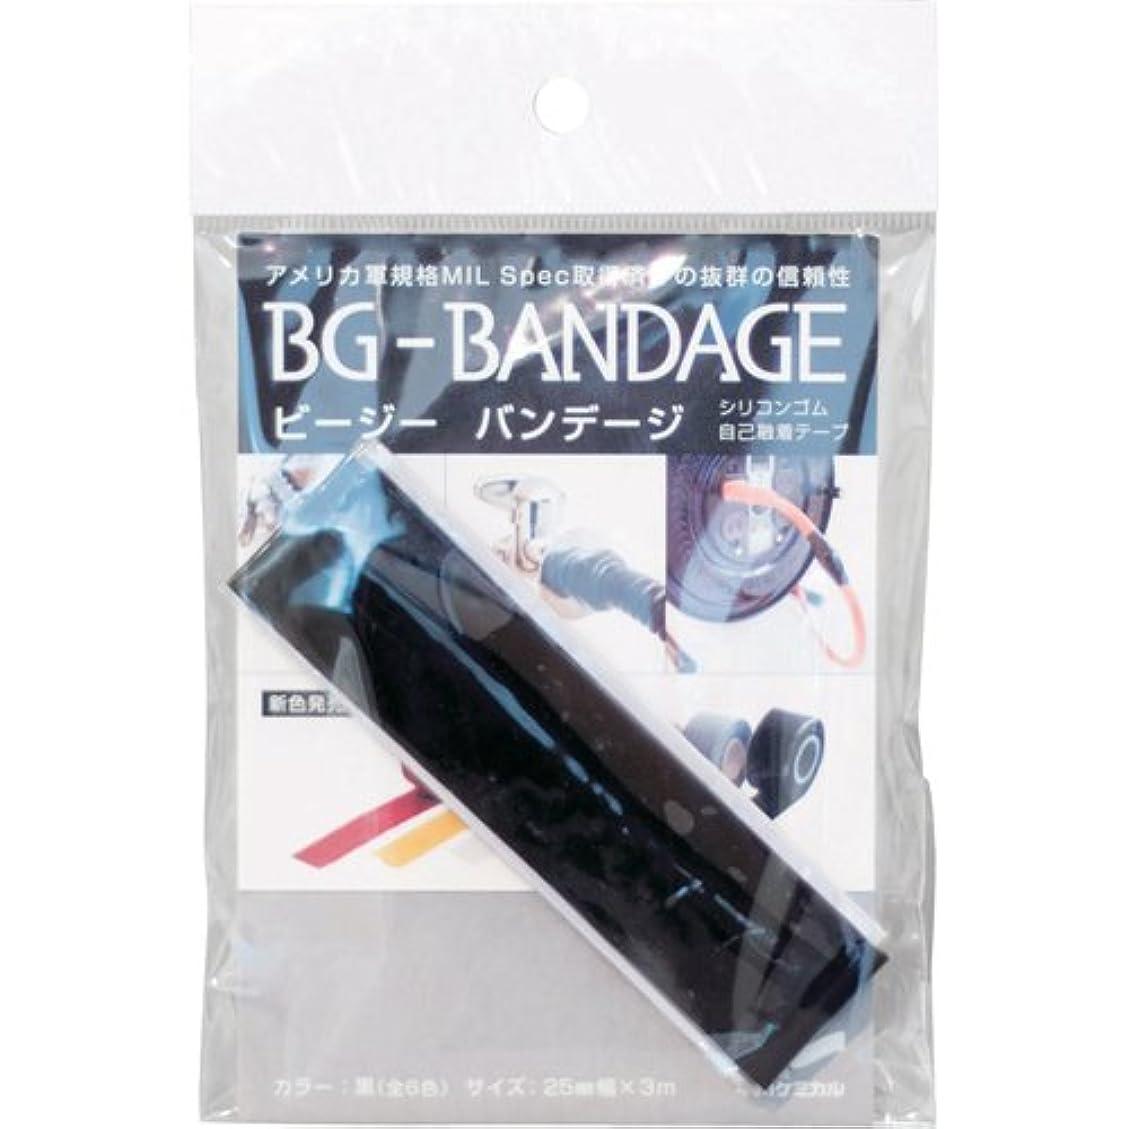 ティーンエイジャー格納みぞれバンガード ビージーバンデージ ブラック BGBADAGE1